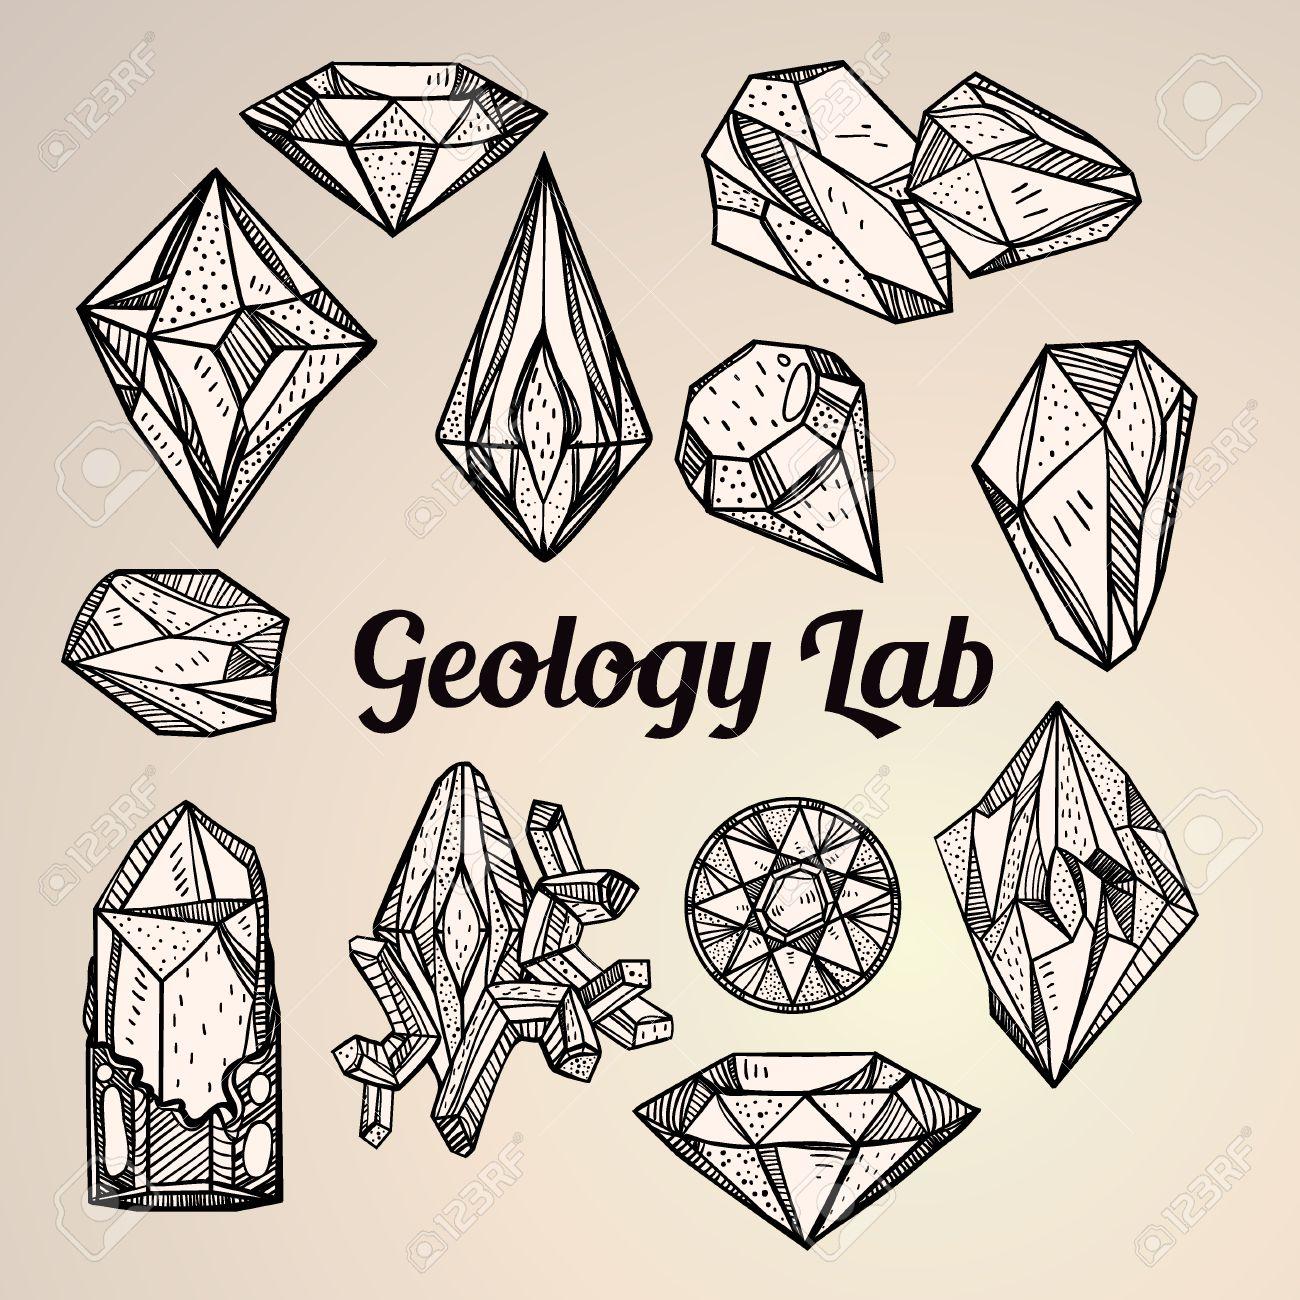 1300x1300 Set Of Hand Drawn Crystal Gems. Geometric Linear Gemstone. Trendy